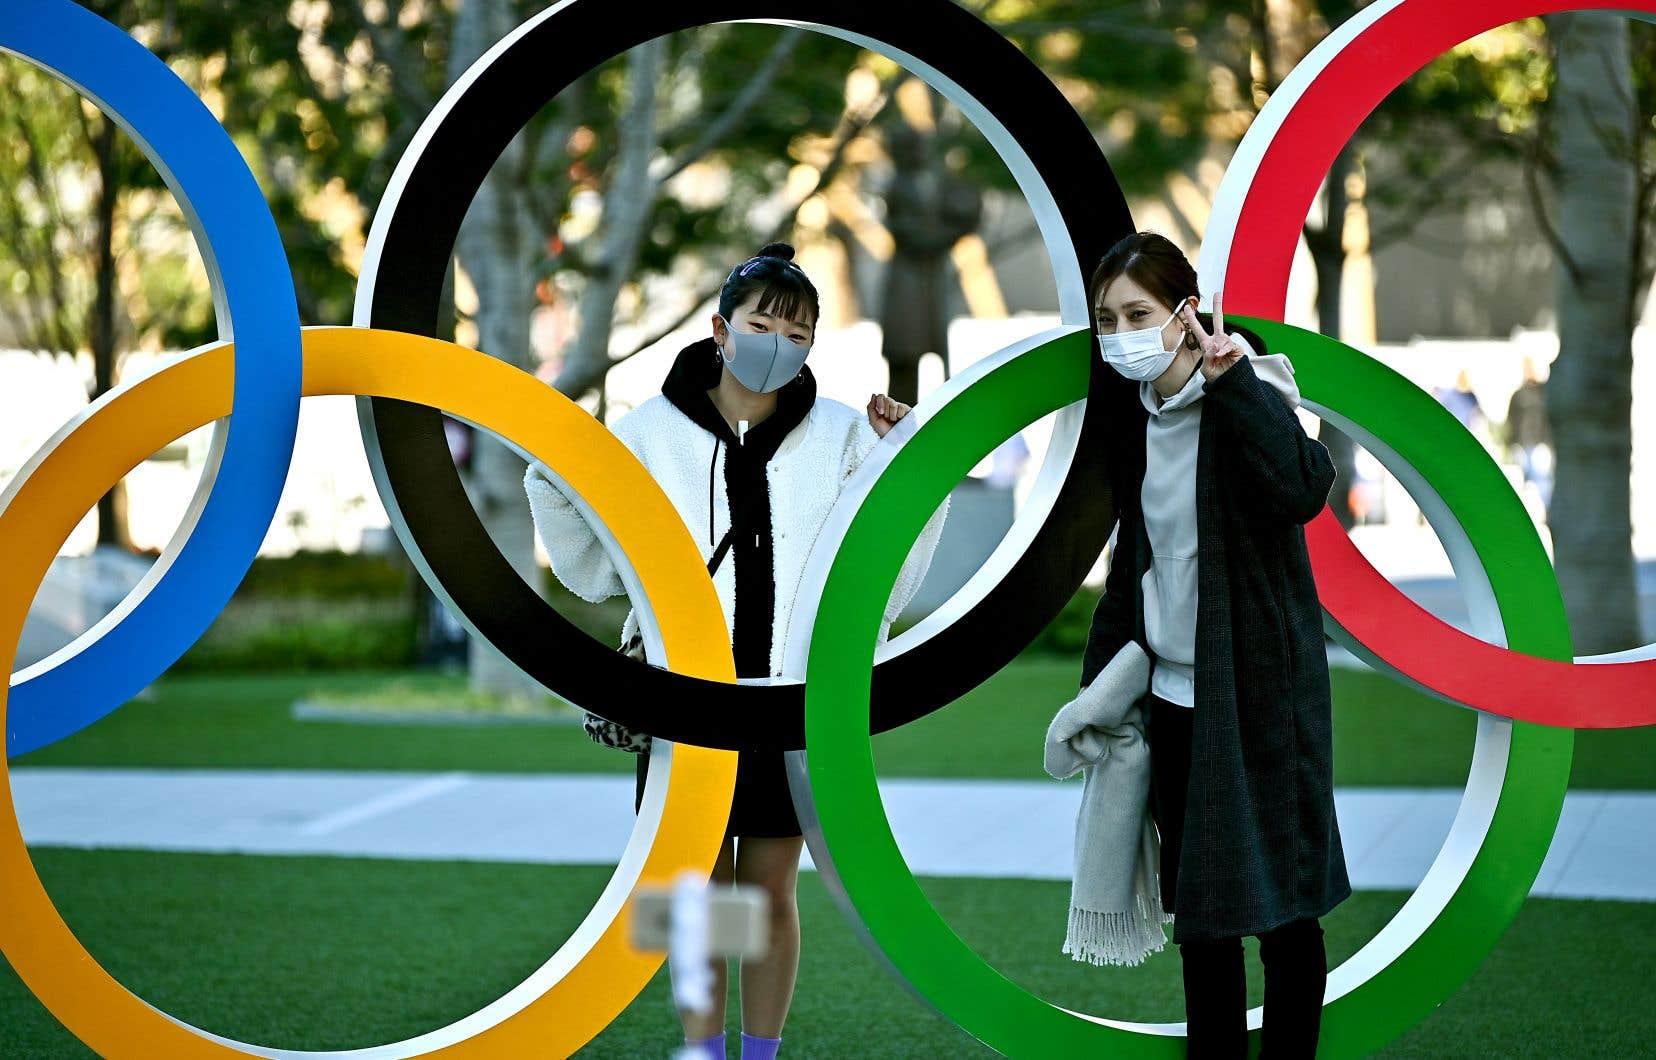 À cinq mois de la cérémonie d'ouverture des Jeux, le COVID-19 a déjà fait plus de 3000 morts.